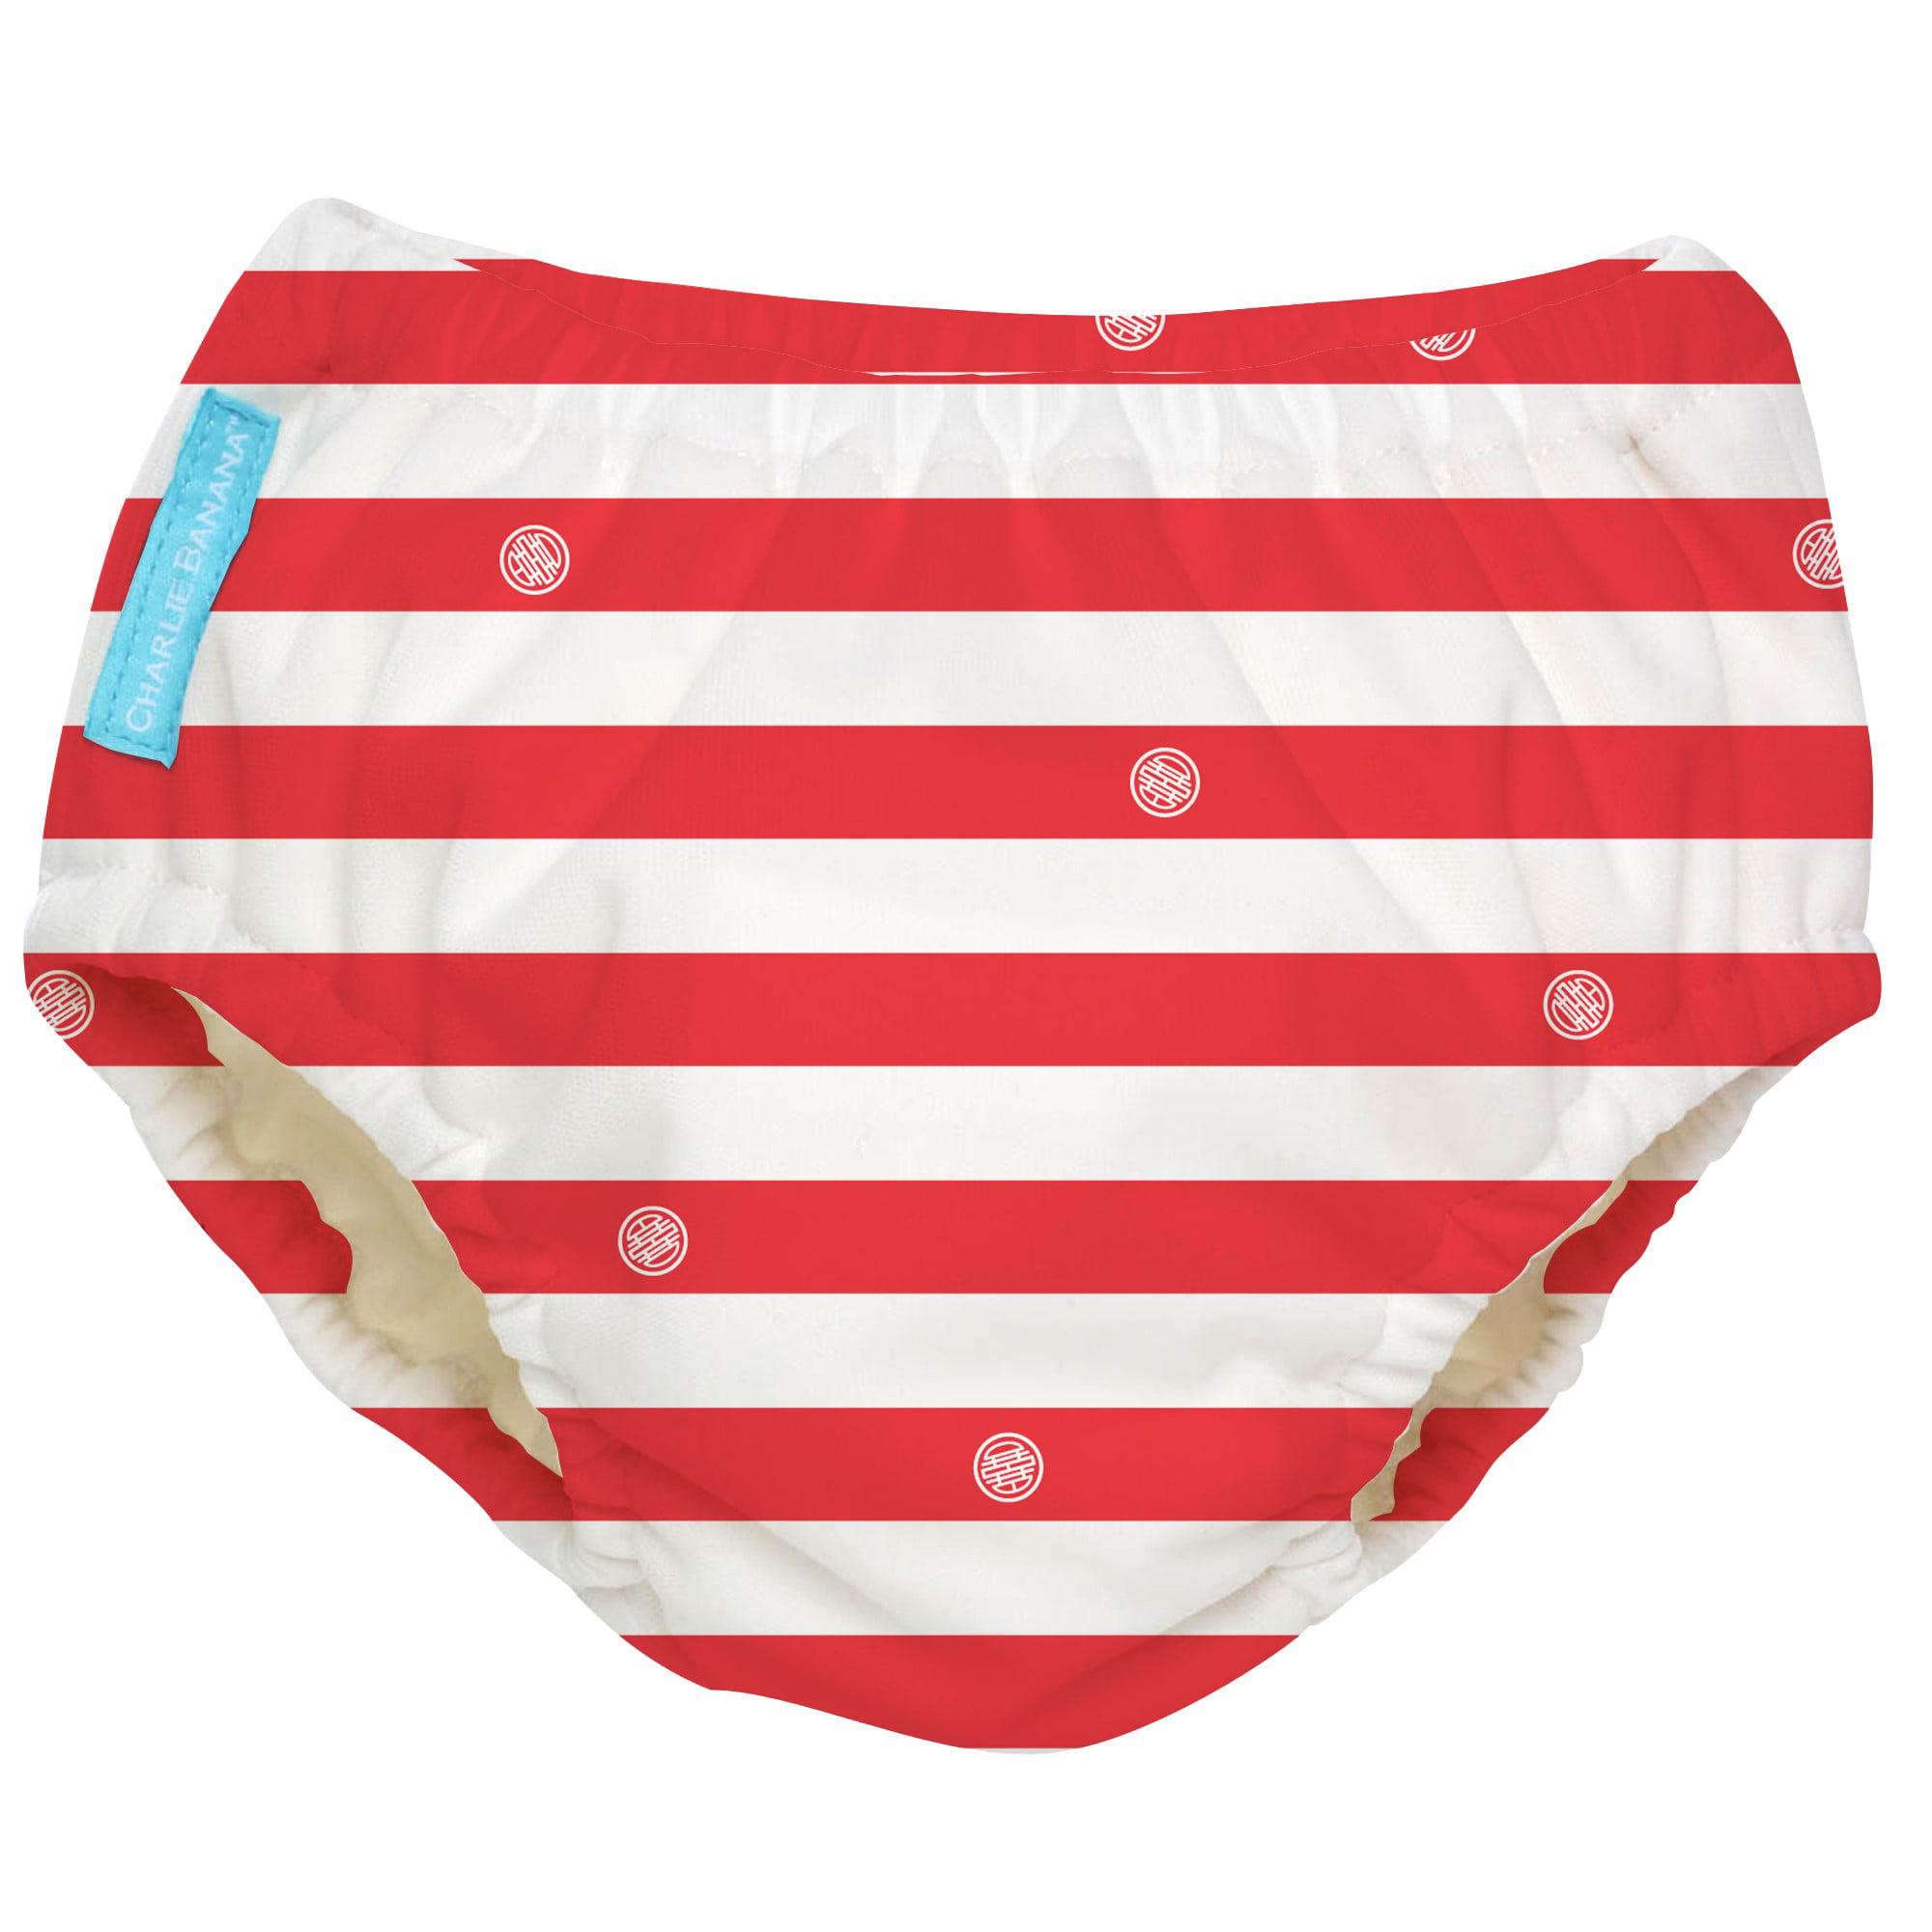 Charlie Banana Extraordinary Reusable Swim Diaper, Red Stripes, Medium